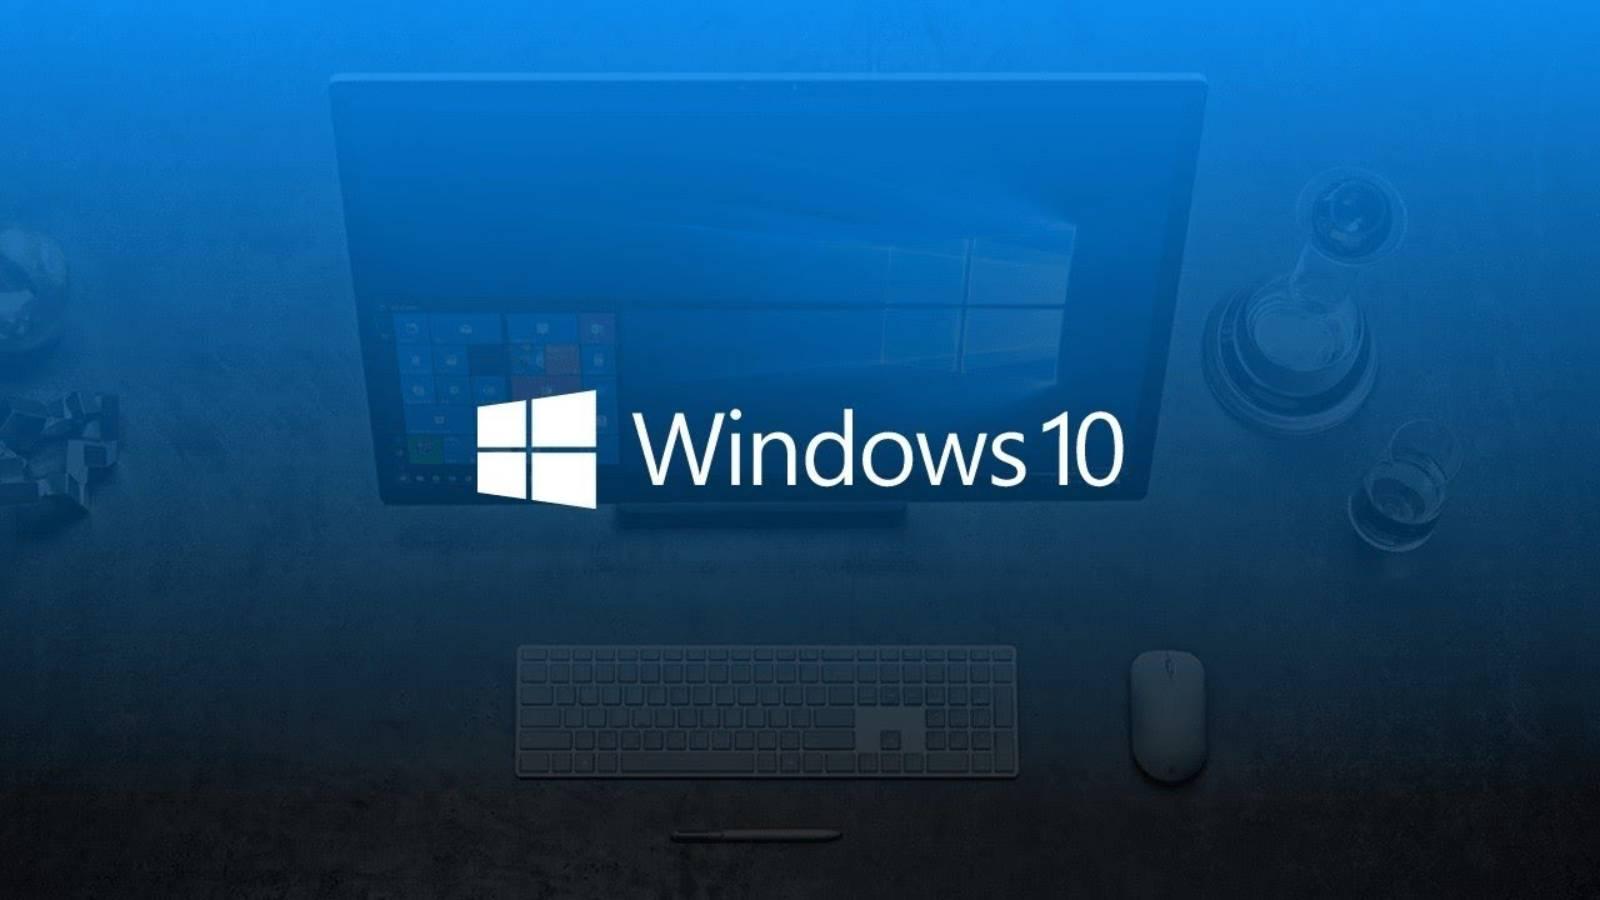 Windows 10 loveste